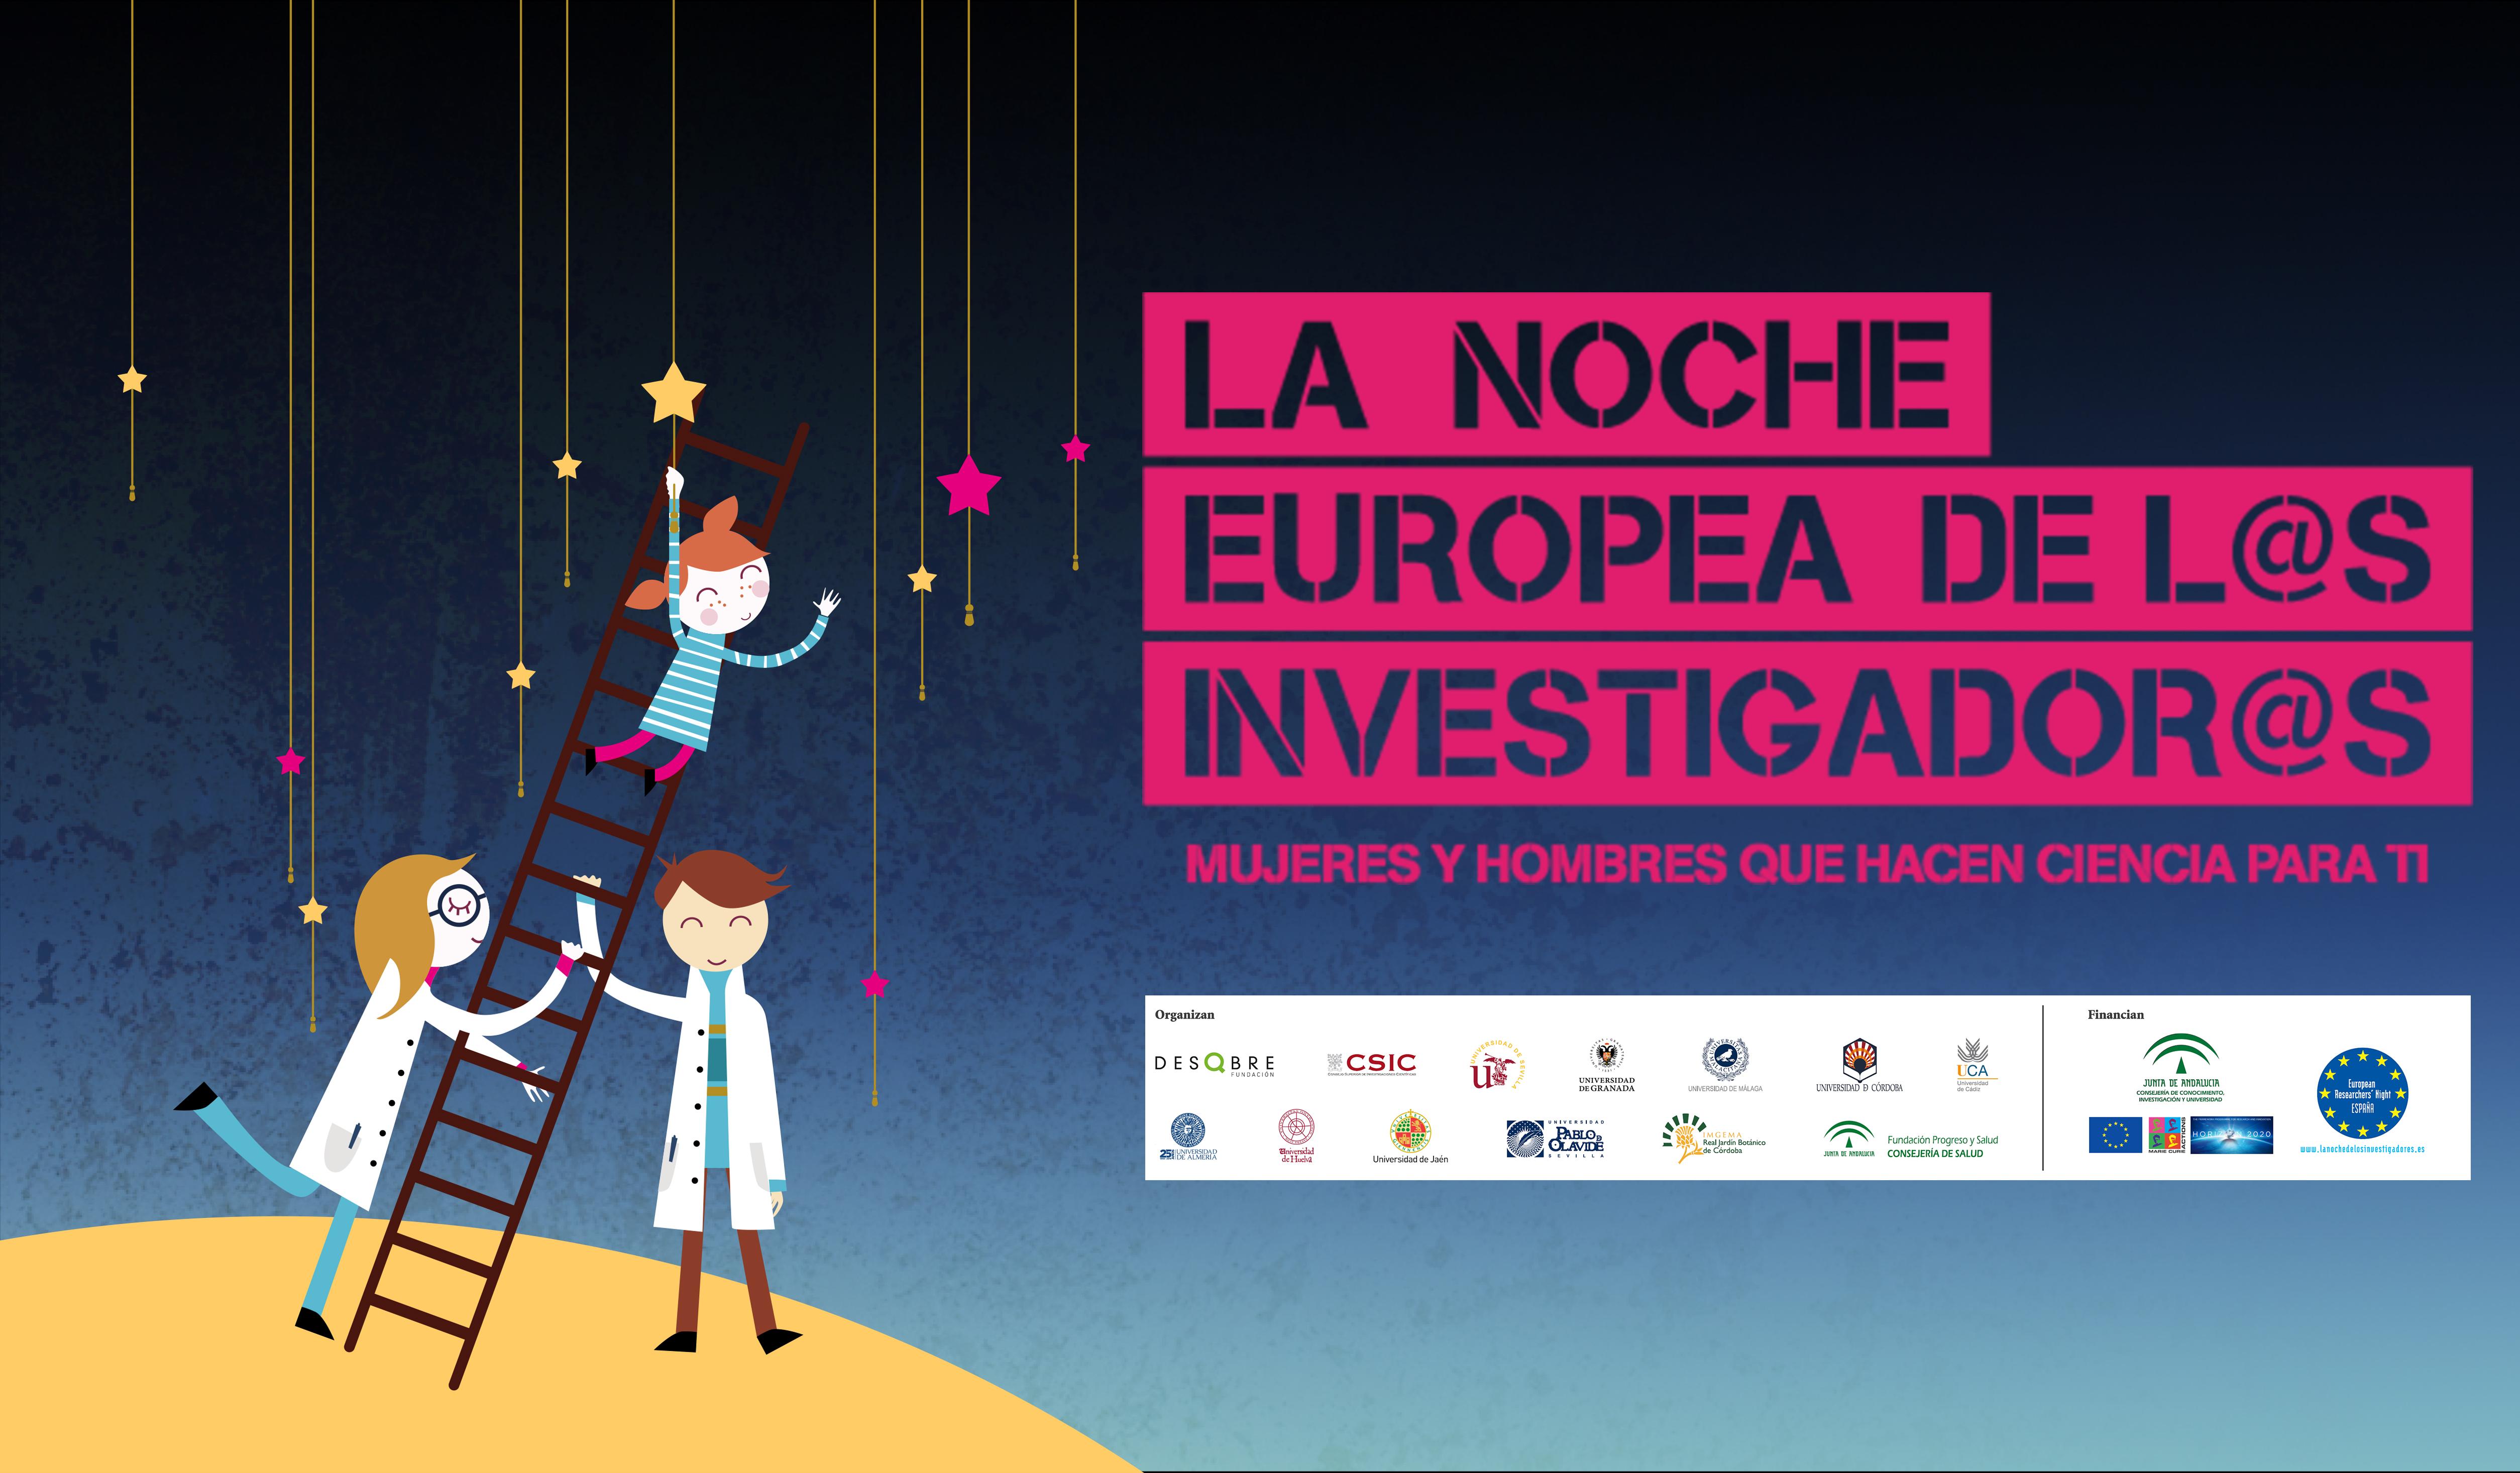 Resultado de imagen de la noche europea de los investigadores almeria 2018